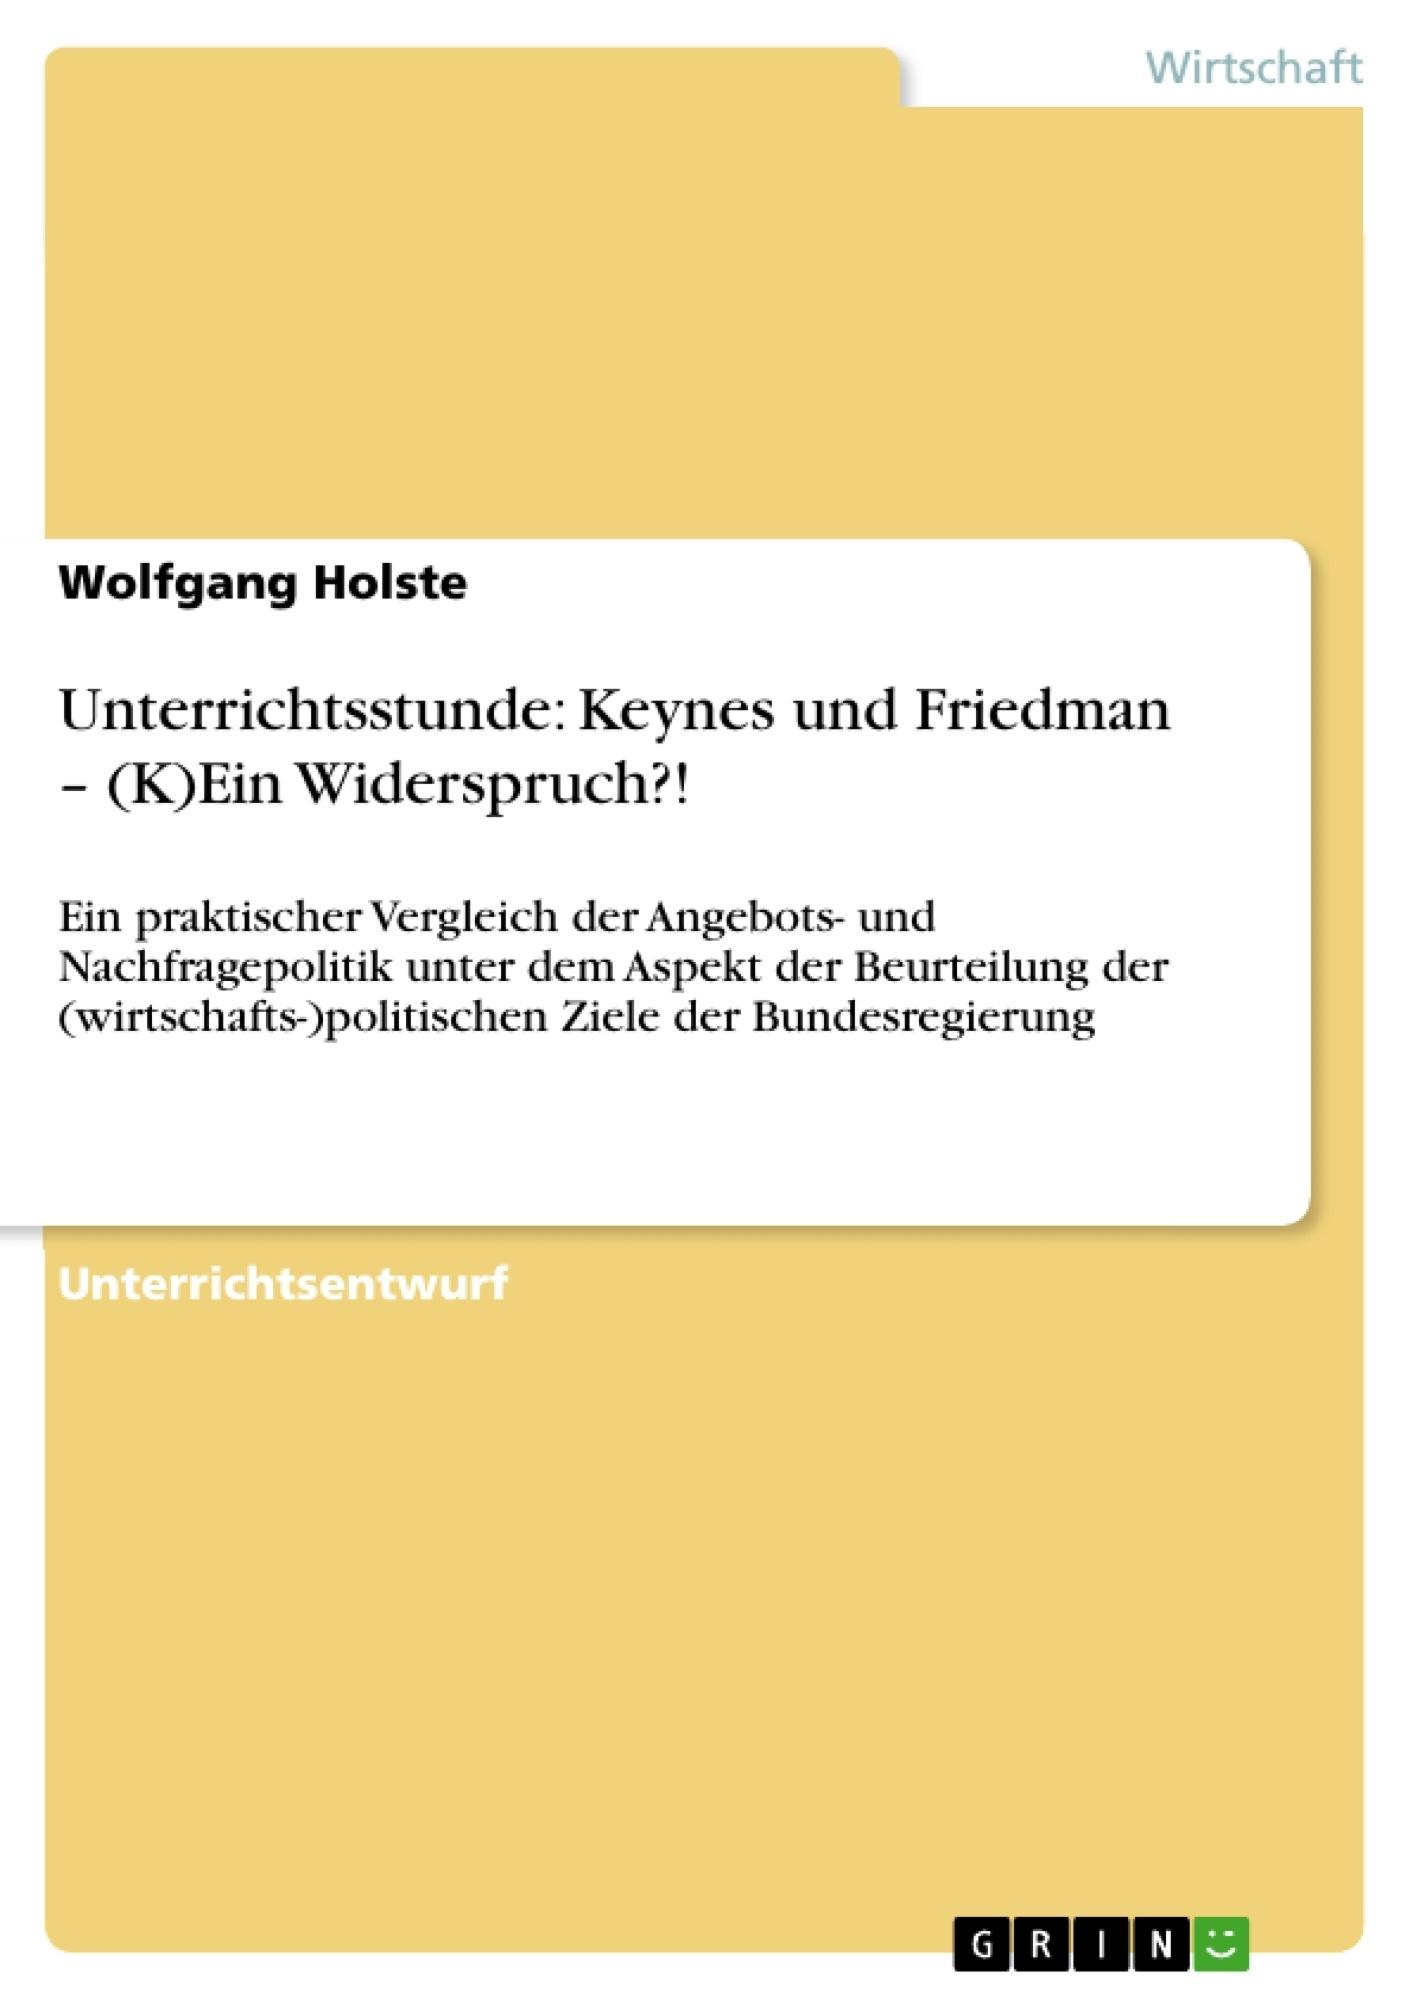 Titel: Unterrichtsstunde: Keynes und Friedman – (K)Ein Widerspruch?!